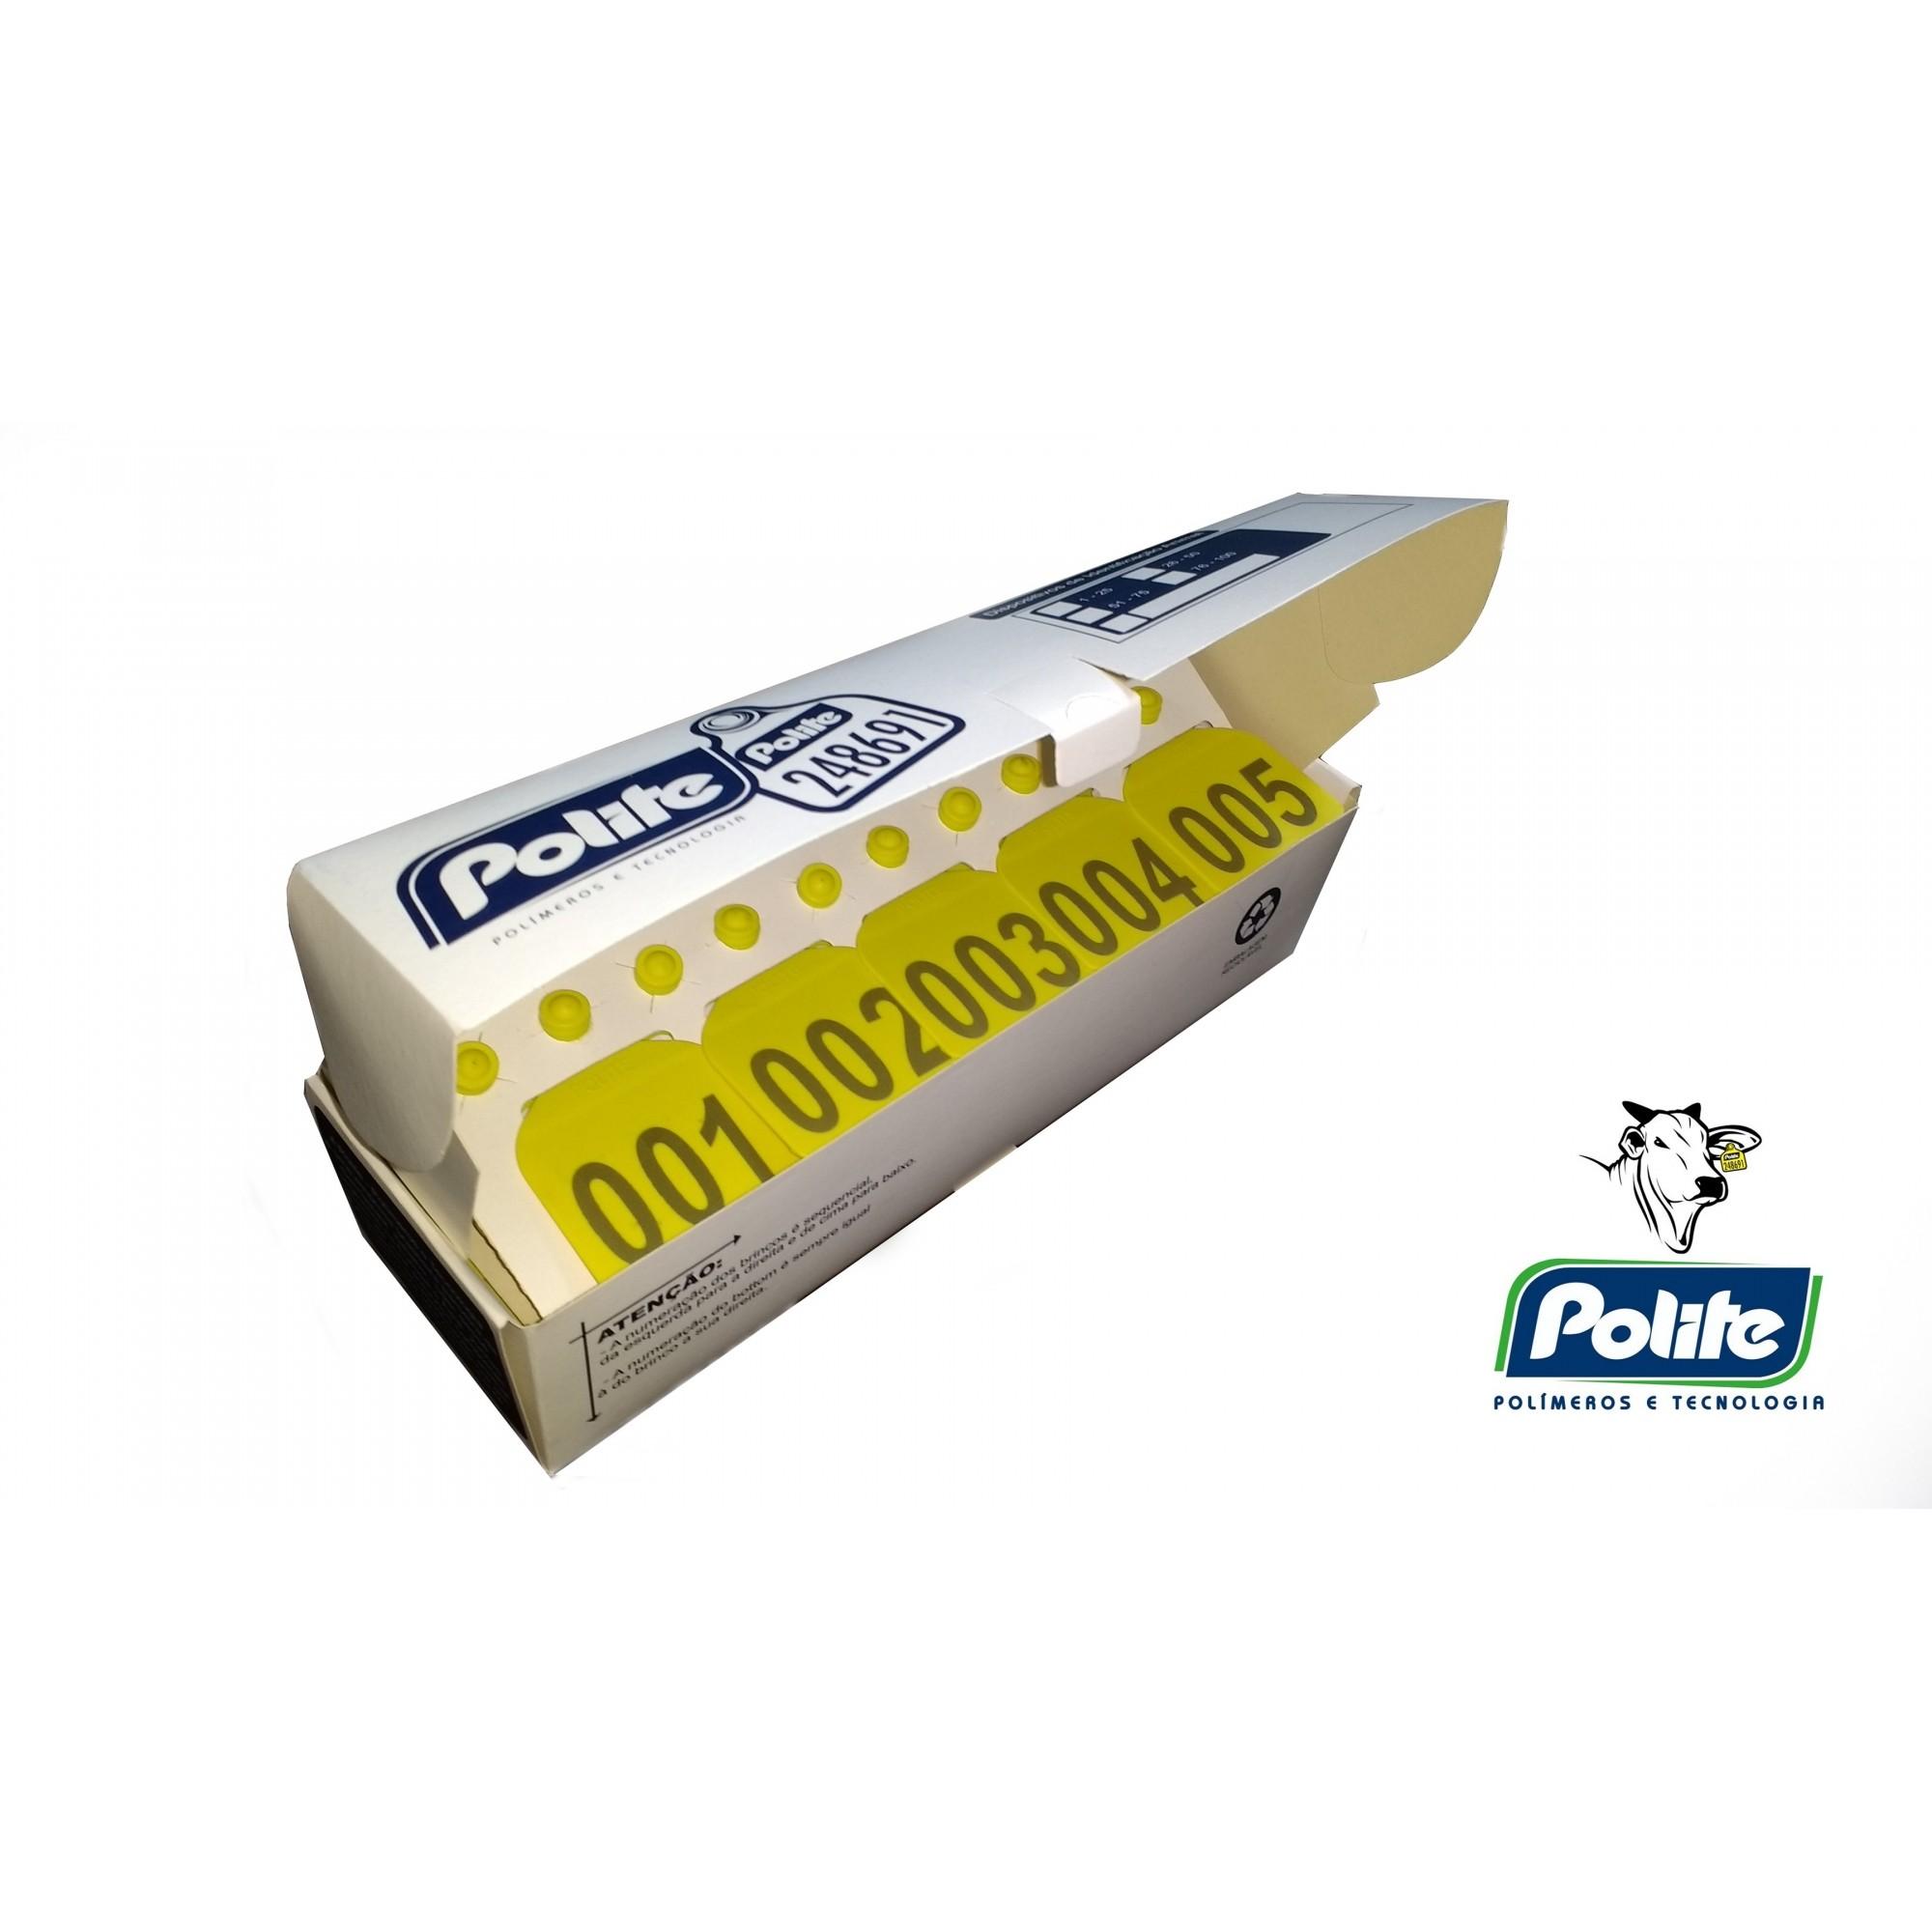 Cj Brinco Grande Bovino Personalizado (Nome, logomarca, desenho) para Manejo de Gado e Macho com Ponta Metalica